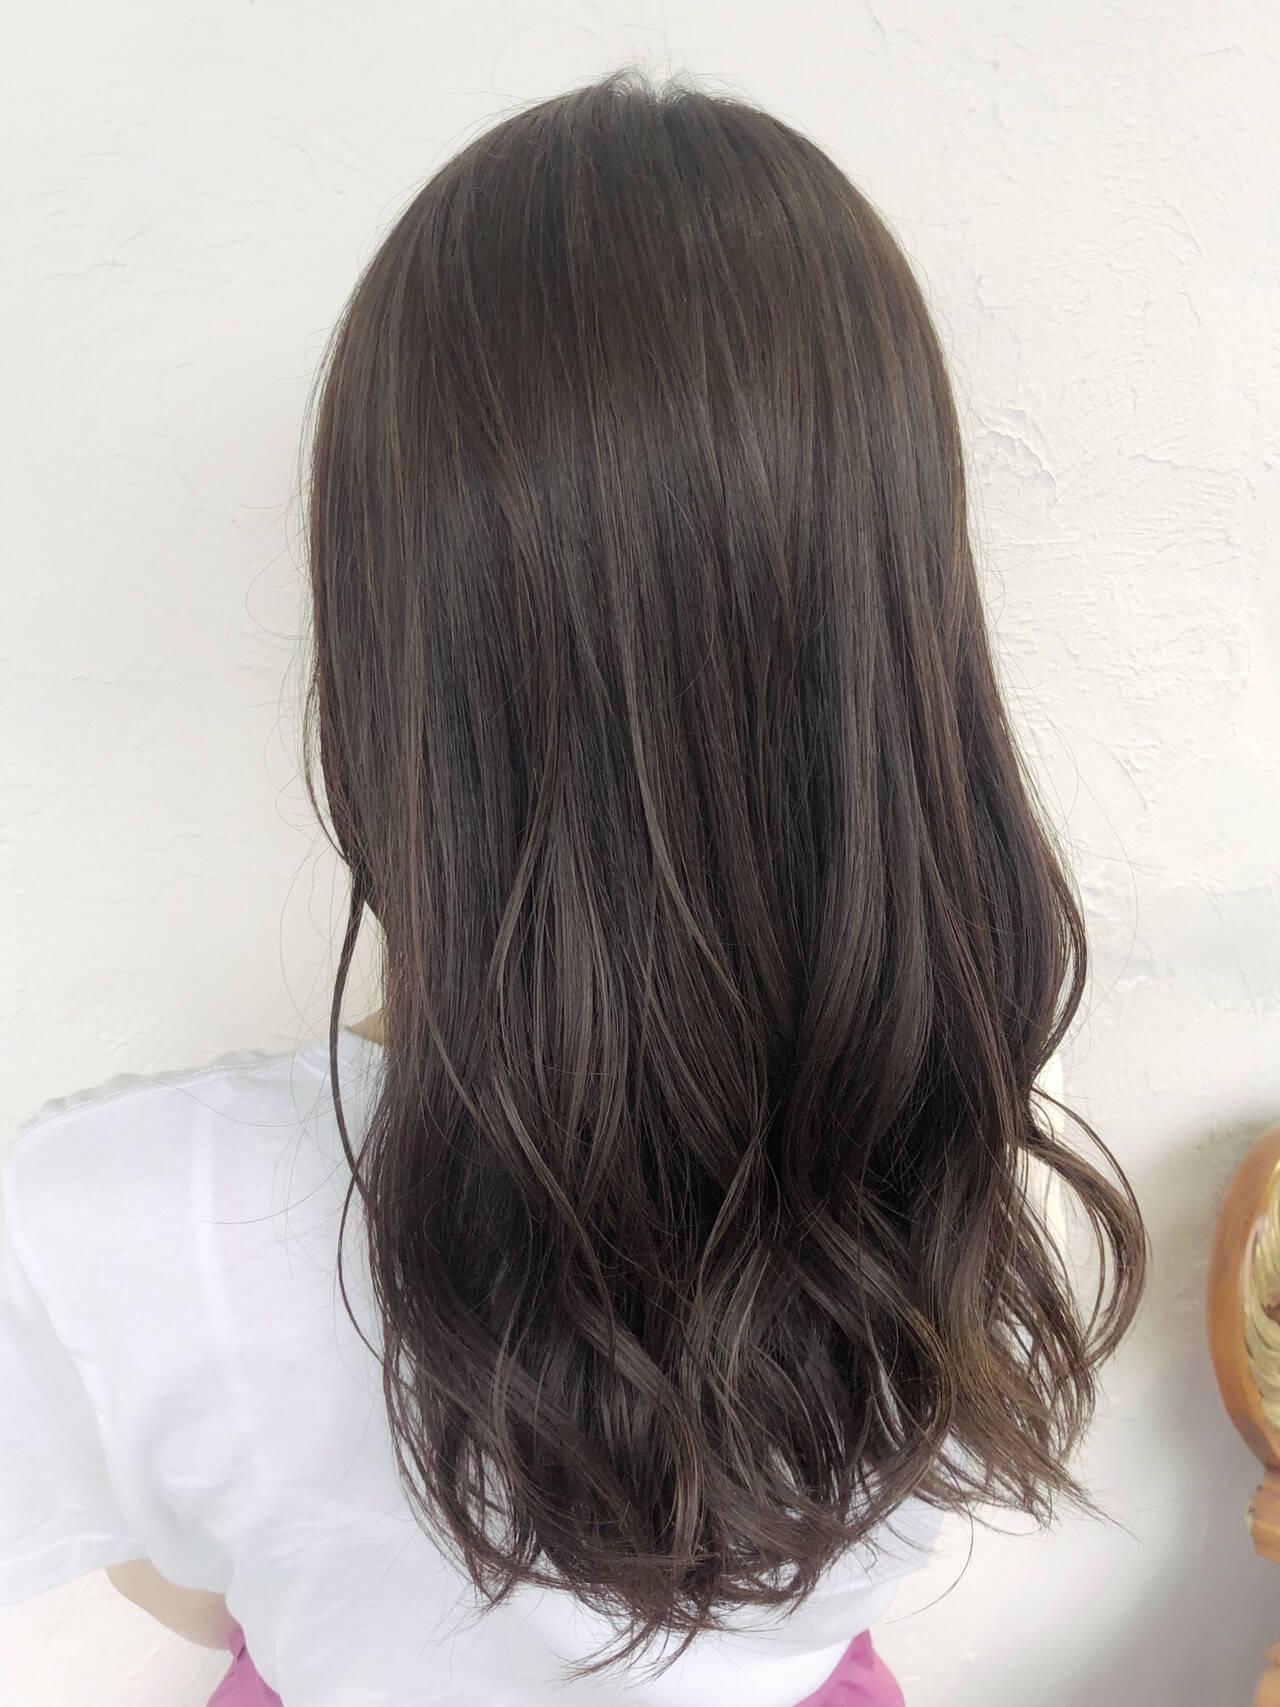 コテ巻き グレージュ ハイライト 透明感カラーヘアスタイルや髪型の写真・画像